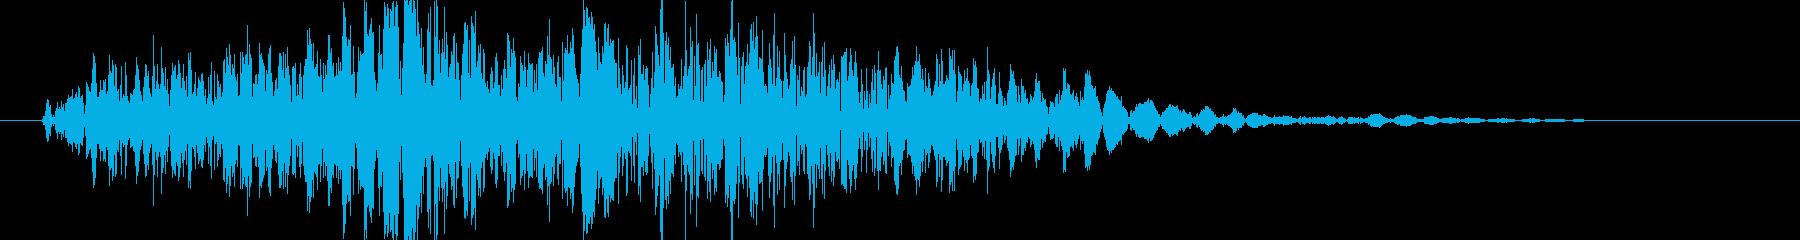 パンチやキックに最適な打撃音!05Lの再生済みの波形